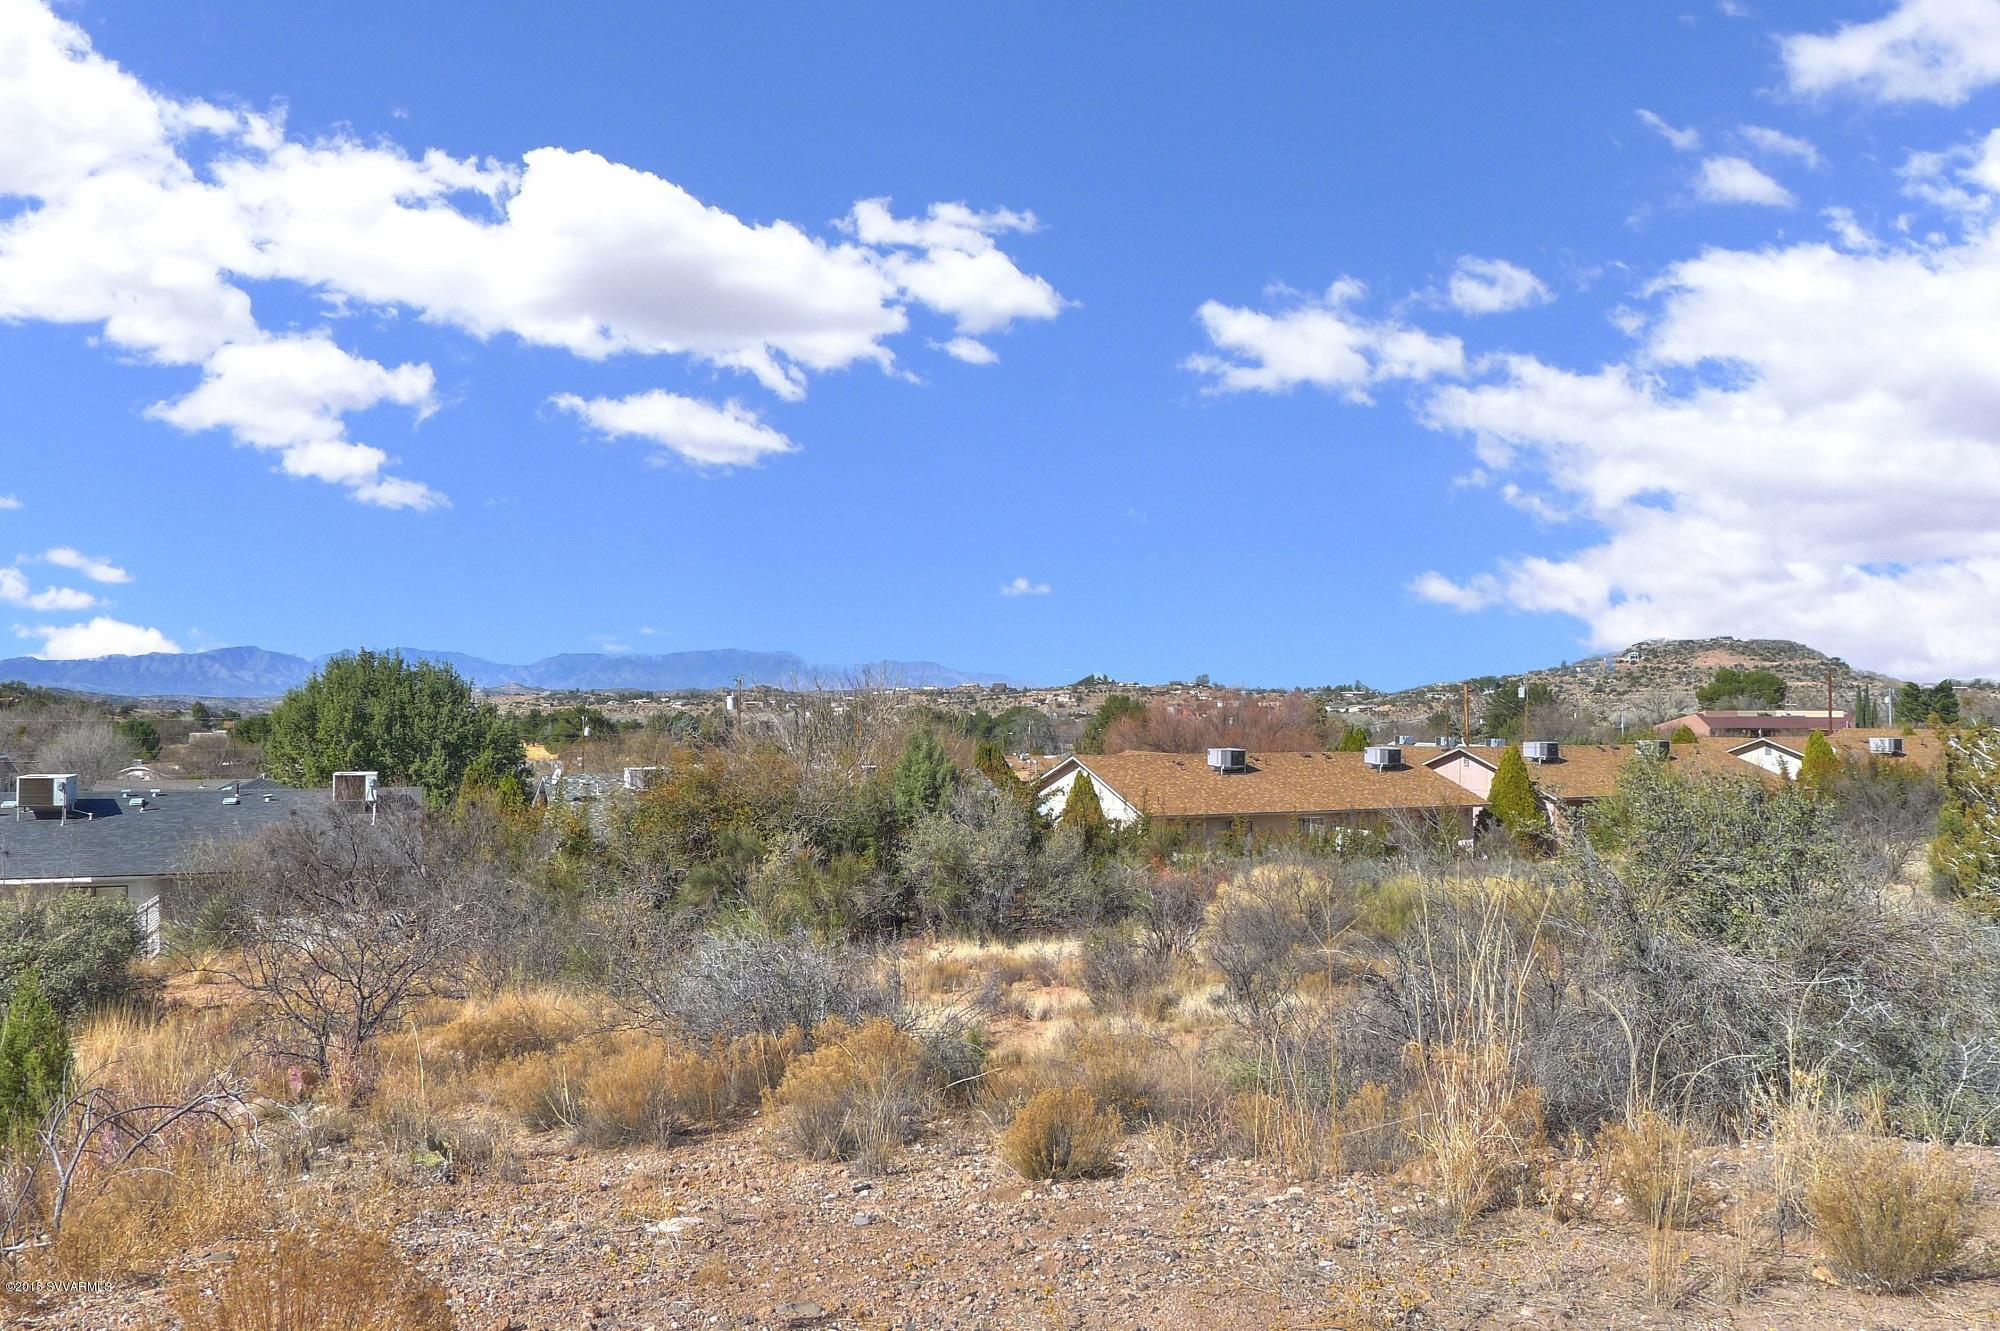 4110-4140 N Antigua Rimrock, AZ 86335